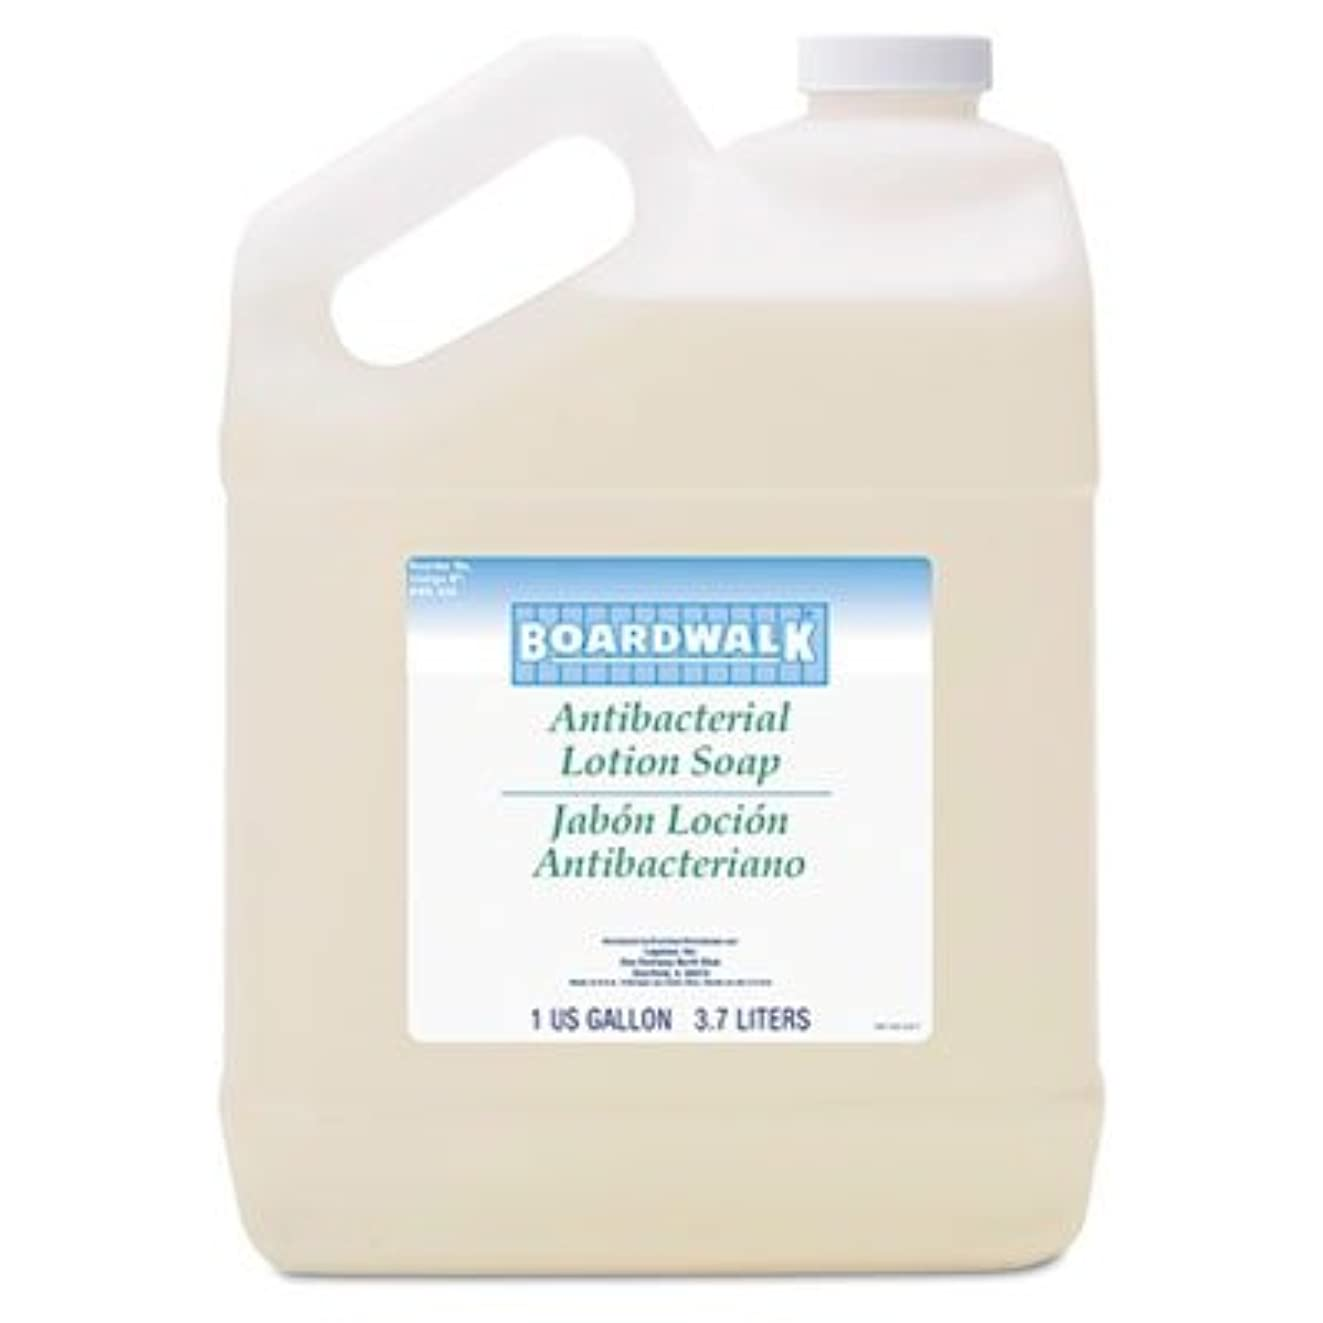 メンダシティ年次精査boardwalkreg ; Antibacterial Soap BWK 430